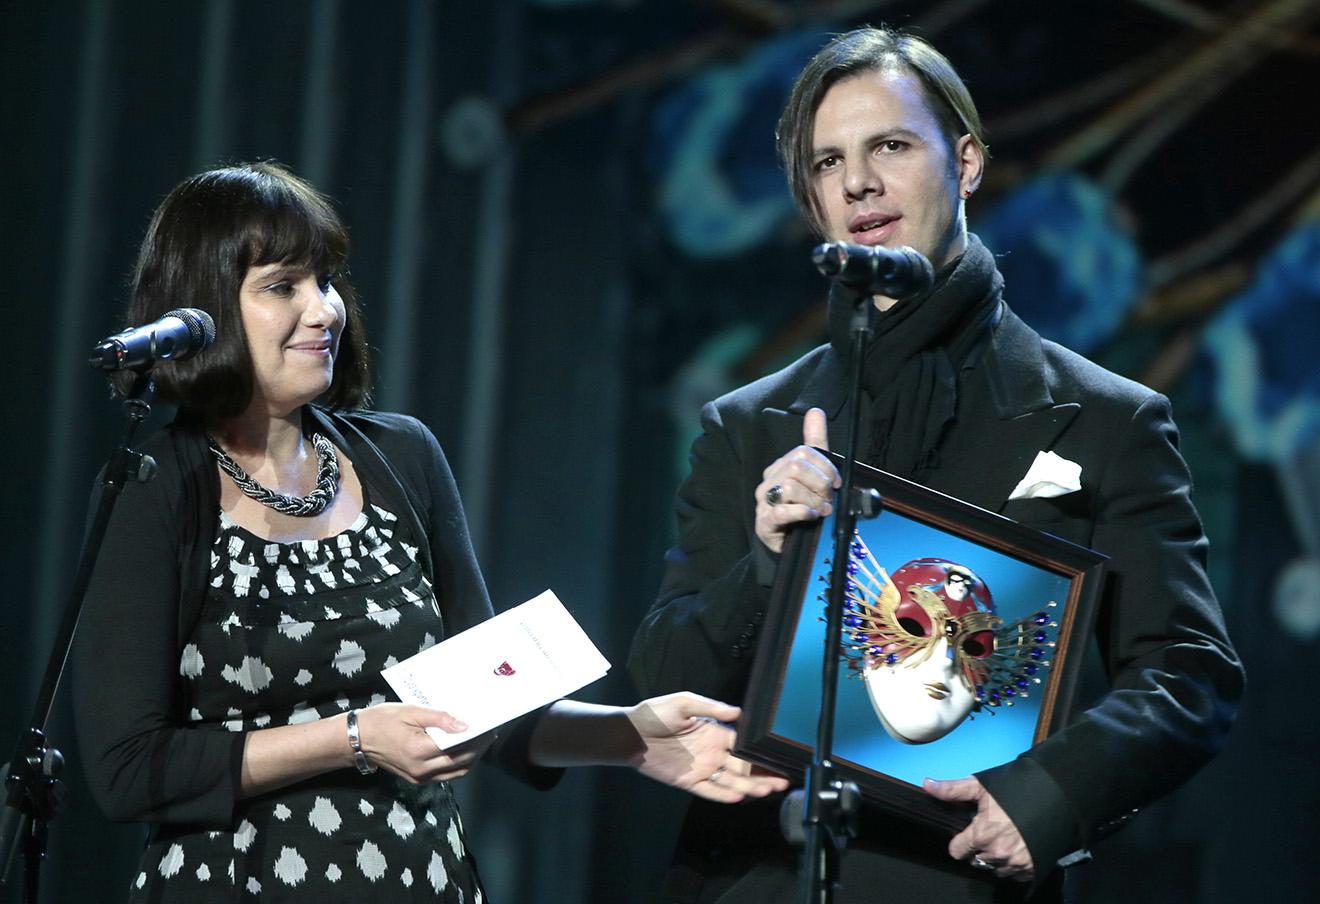 Теодор Курентзис на церемонии награждения премии «Золотая маска». Фото: Михаил Метцель / ТАСС